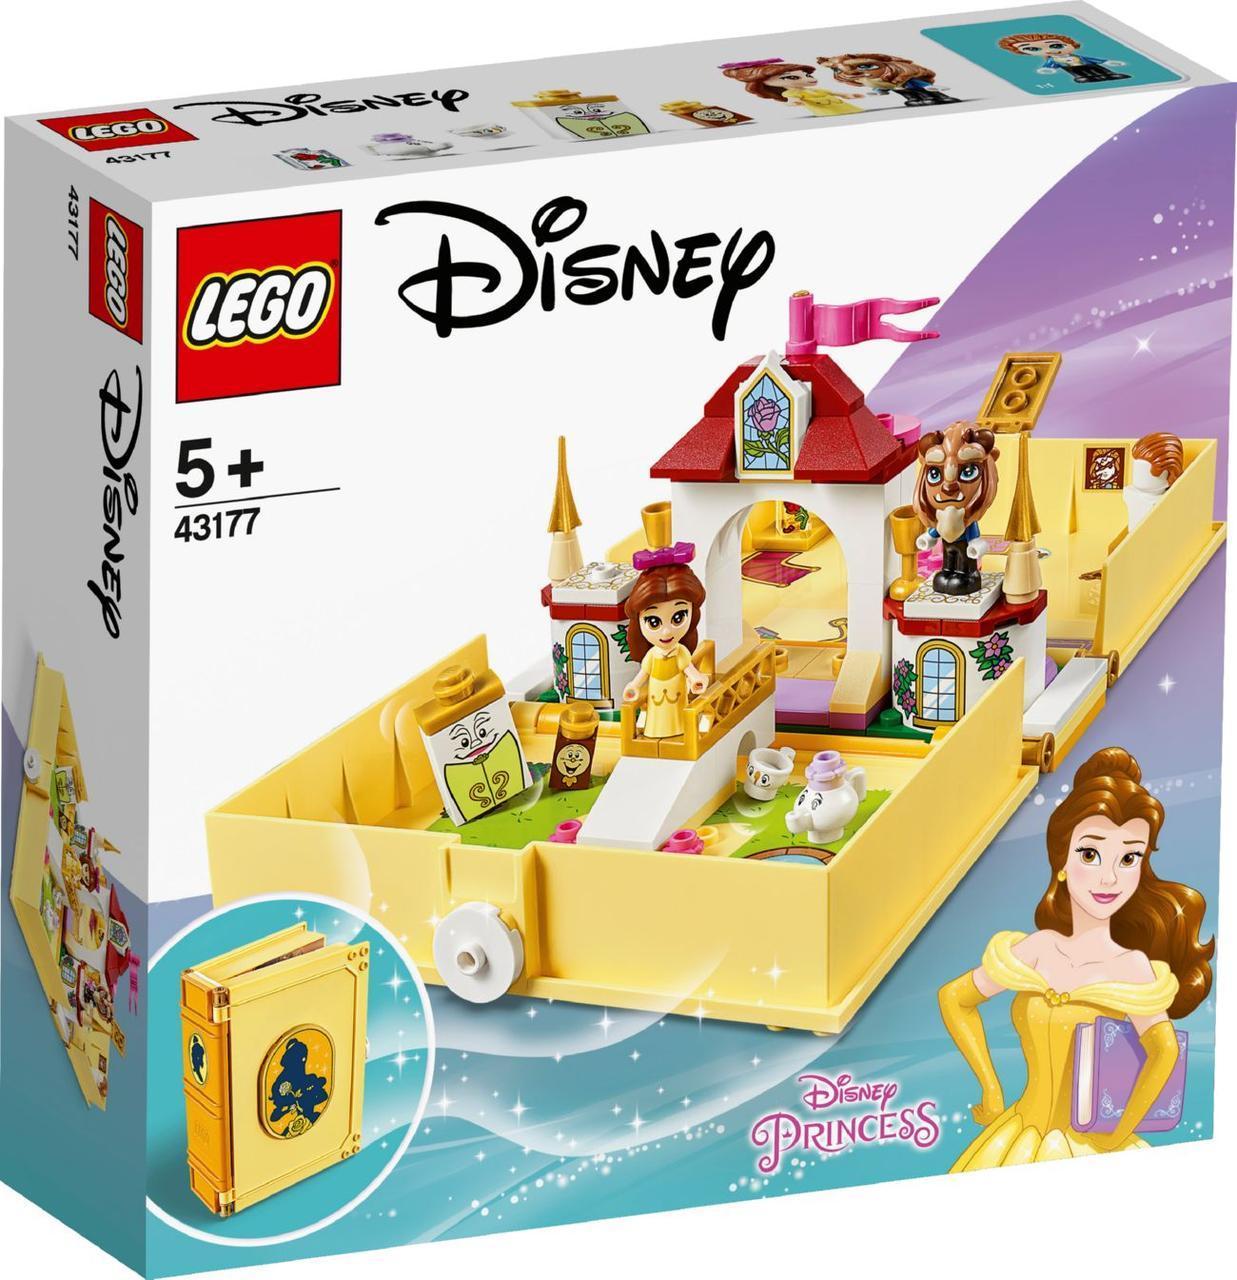 Lego Disney Princesses Книга сказочных приключений Белль 43177